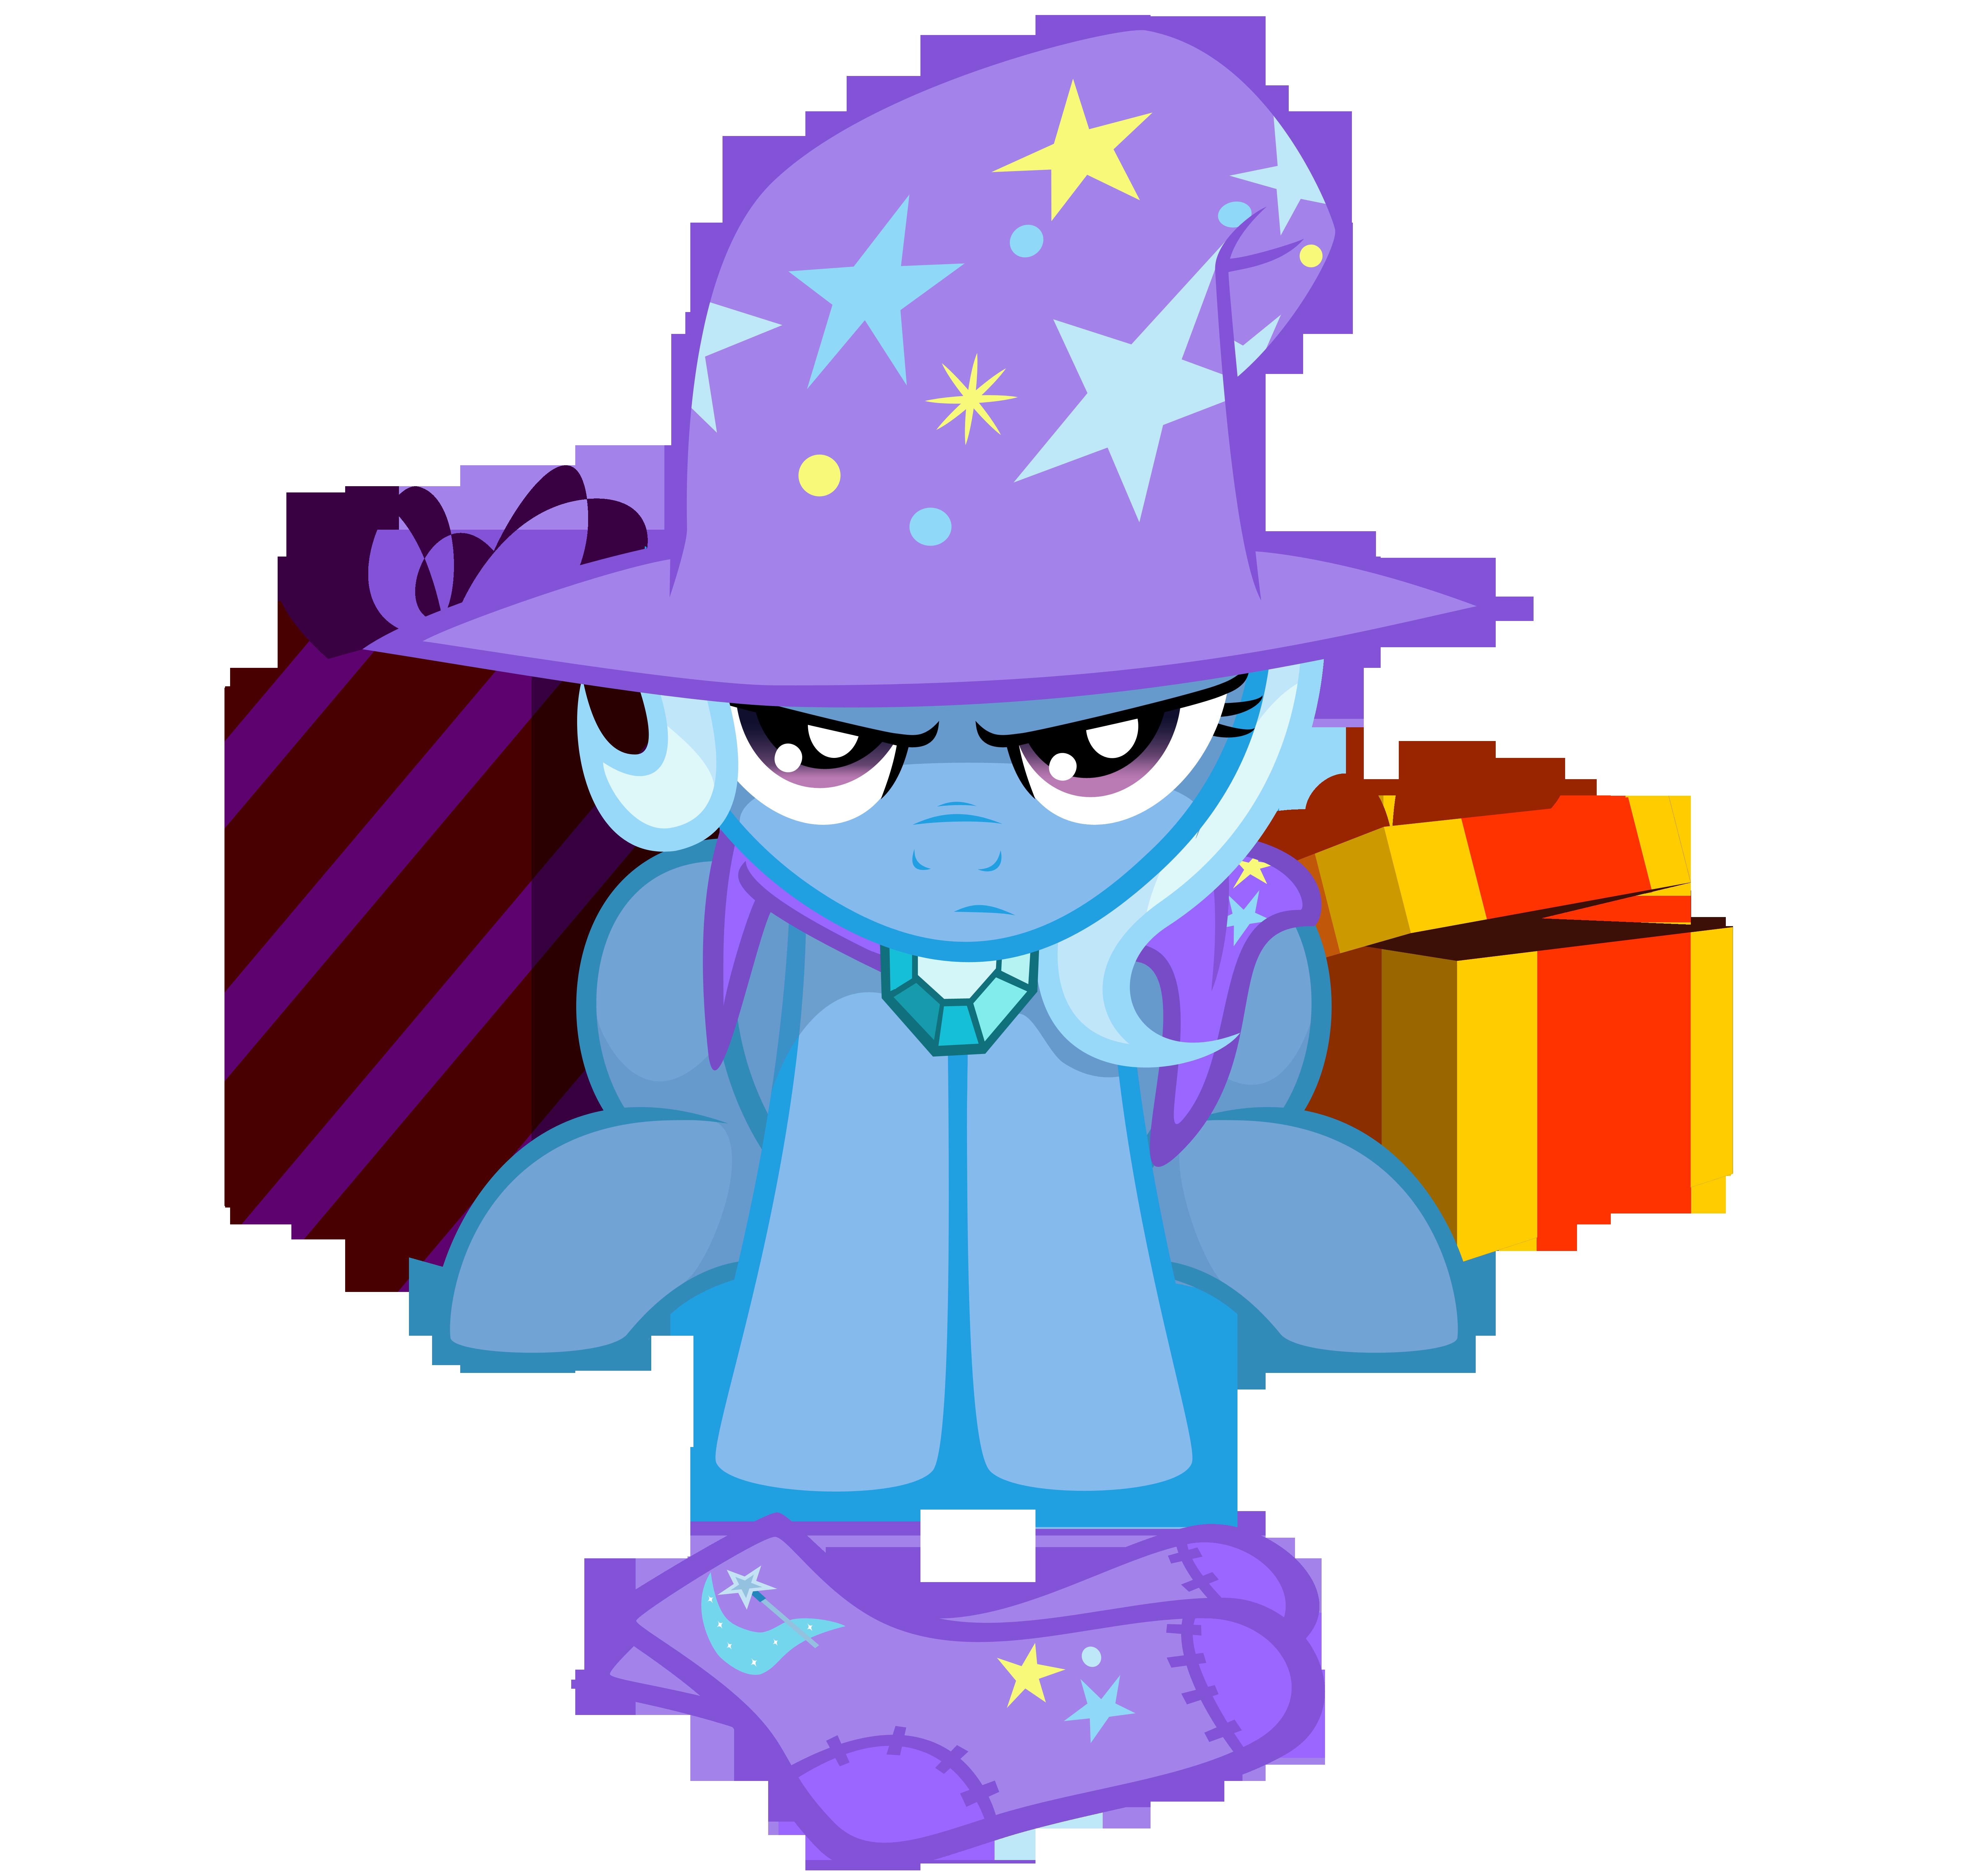 Trixie wubz socks! by Watisdatdennhier